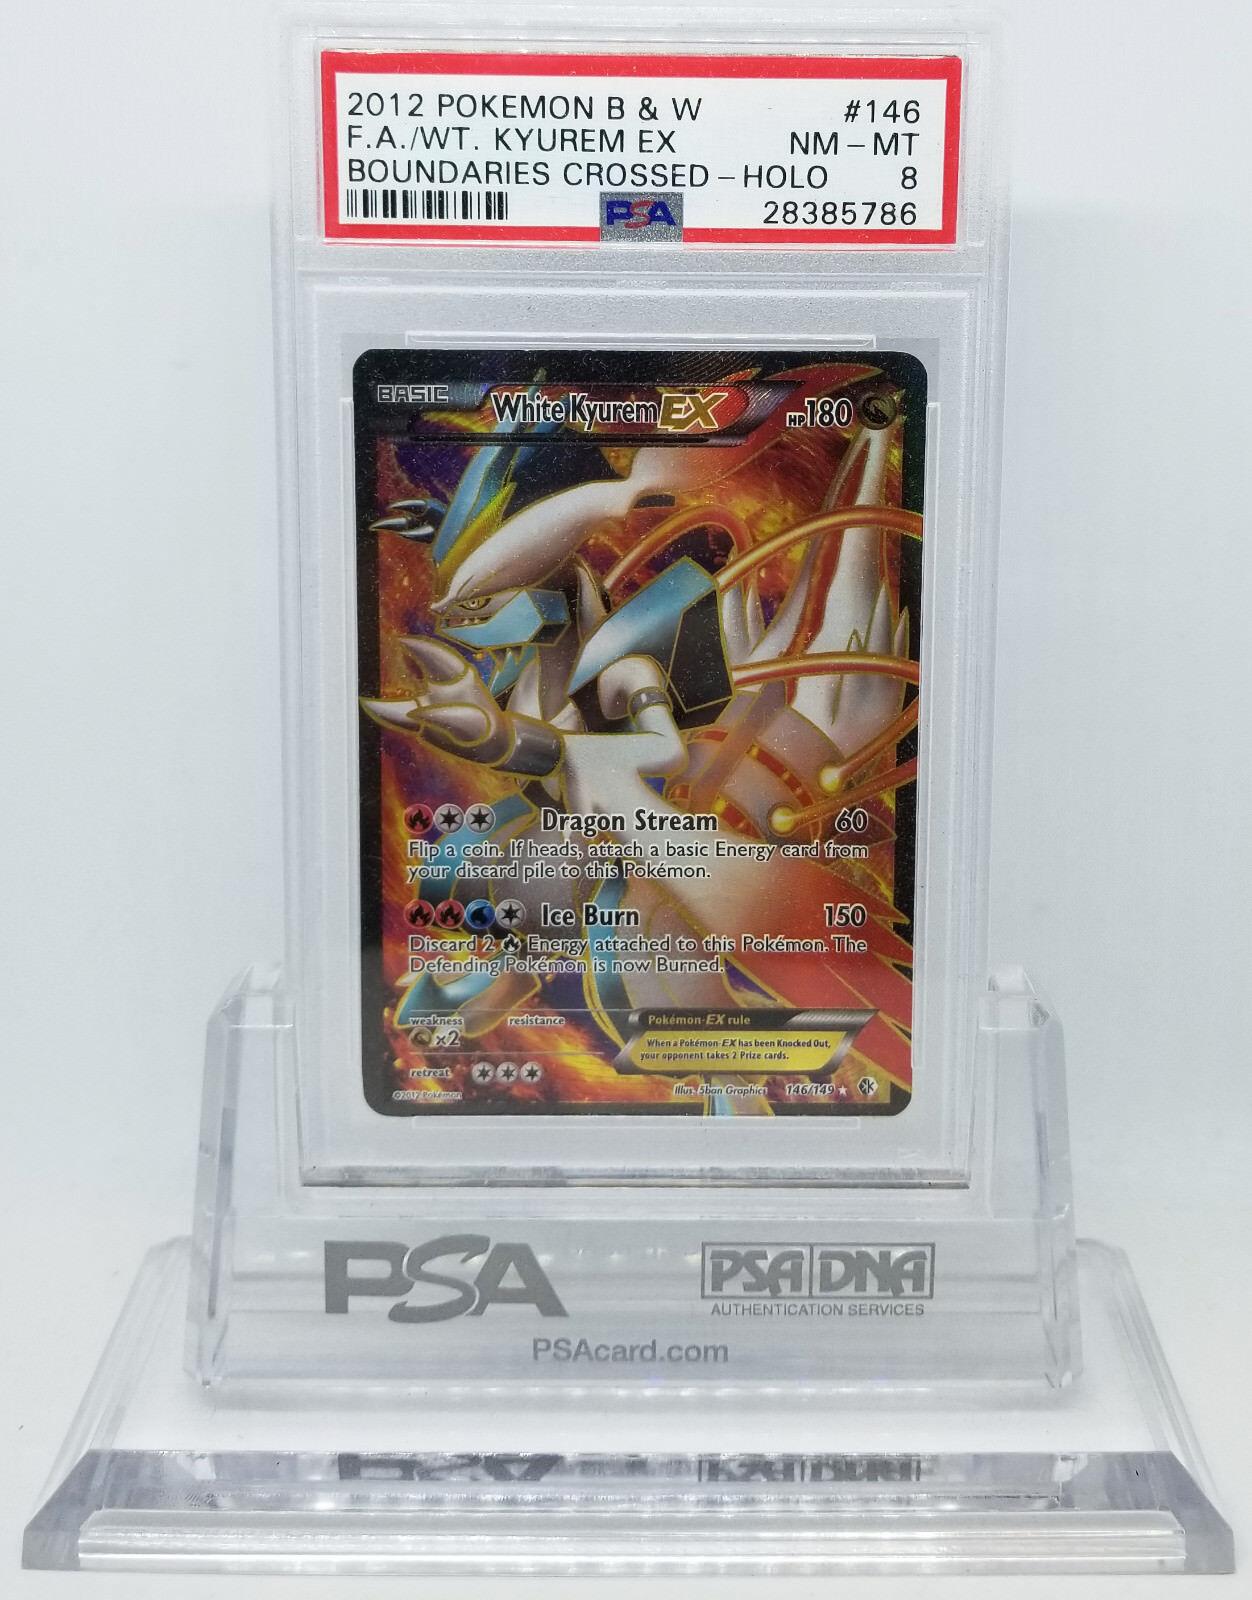 Pokemon grenzen überschritten kyurem voller kunst, weiße ex - 146   149 holo - psa - 8 nm-mt